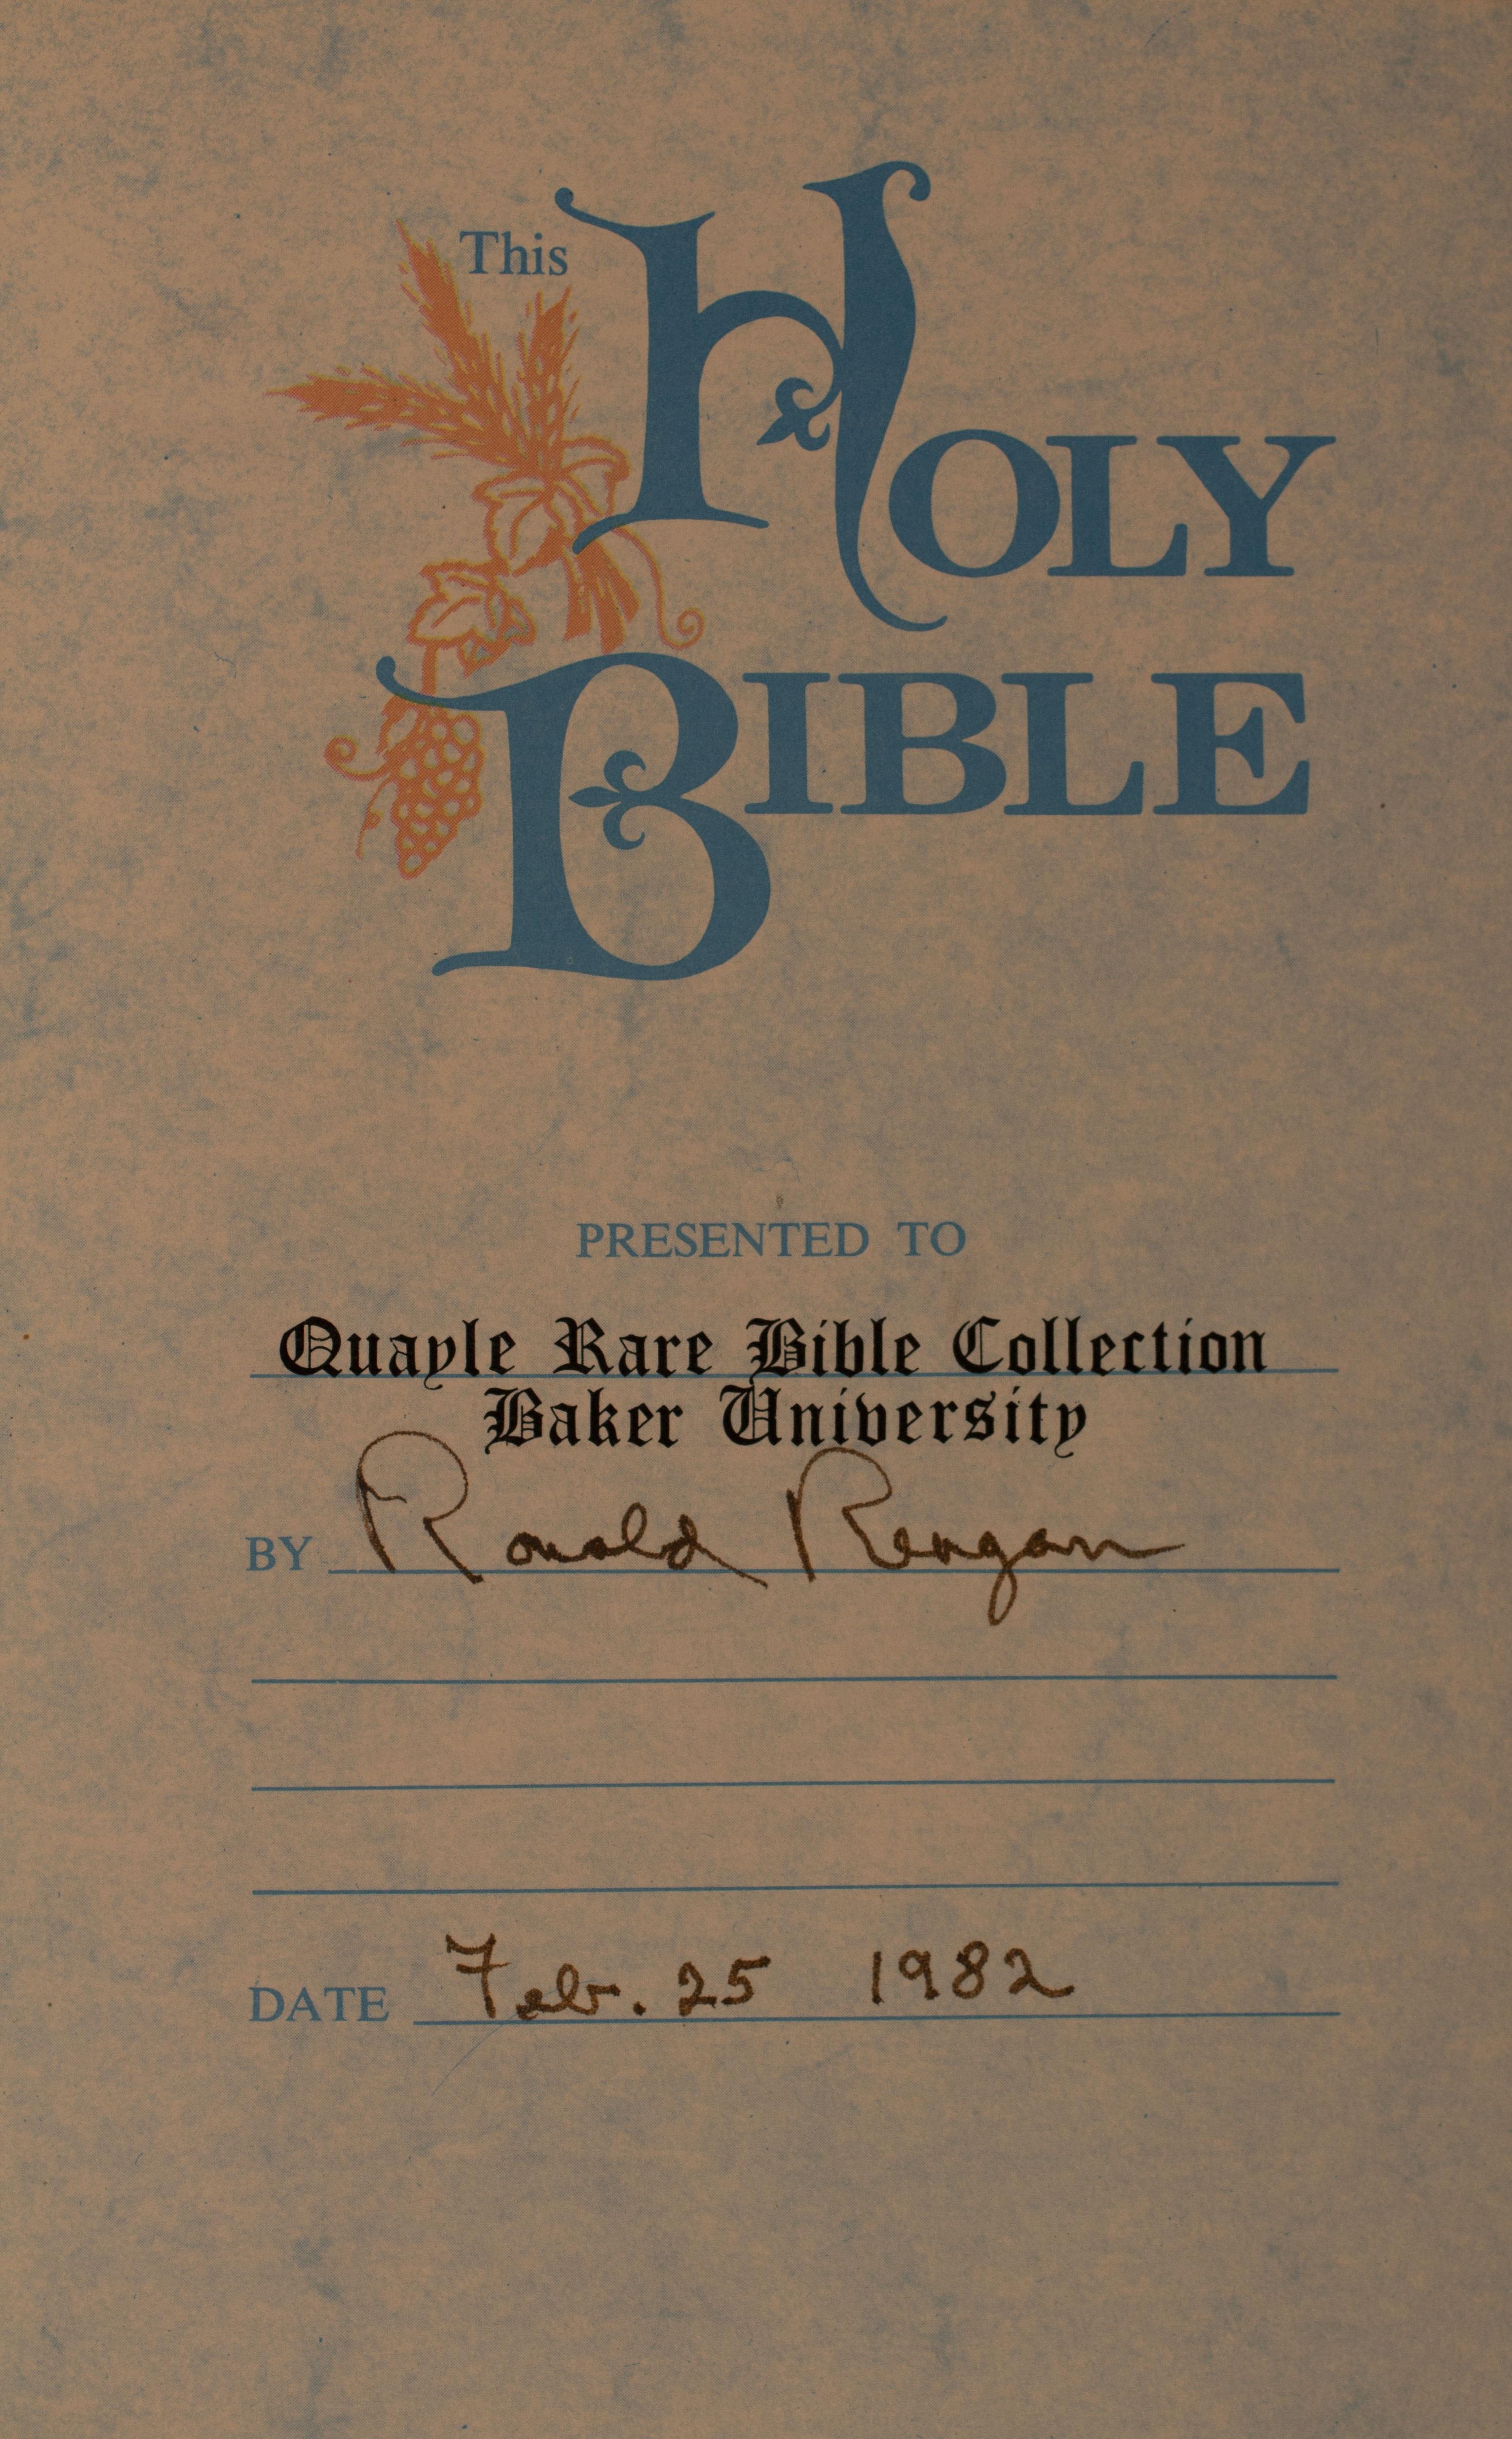 President Reagan's signature